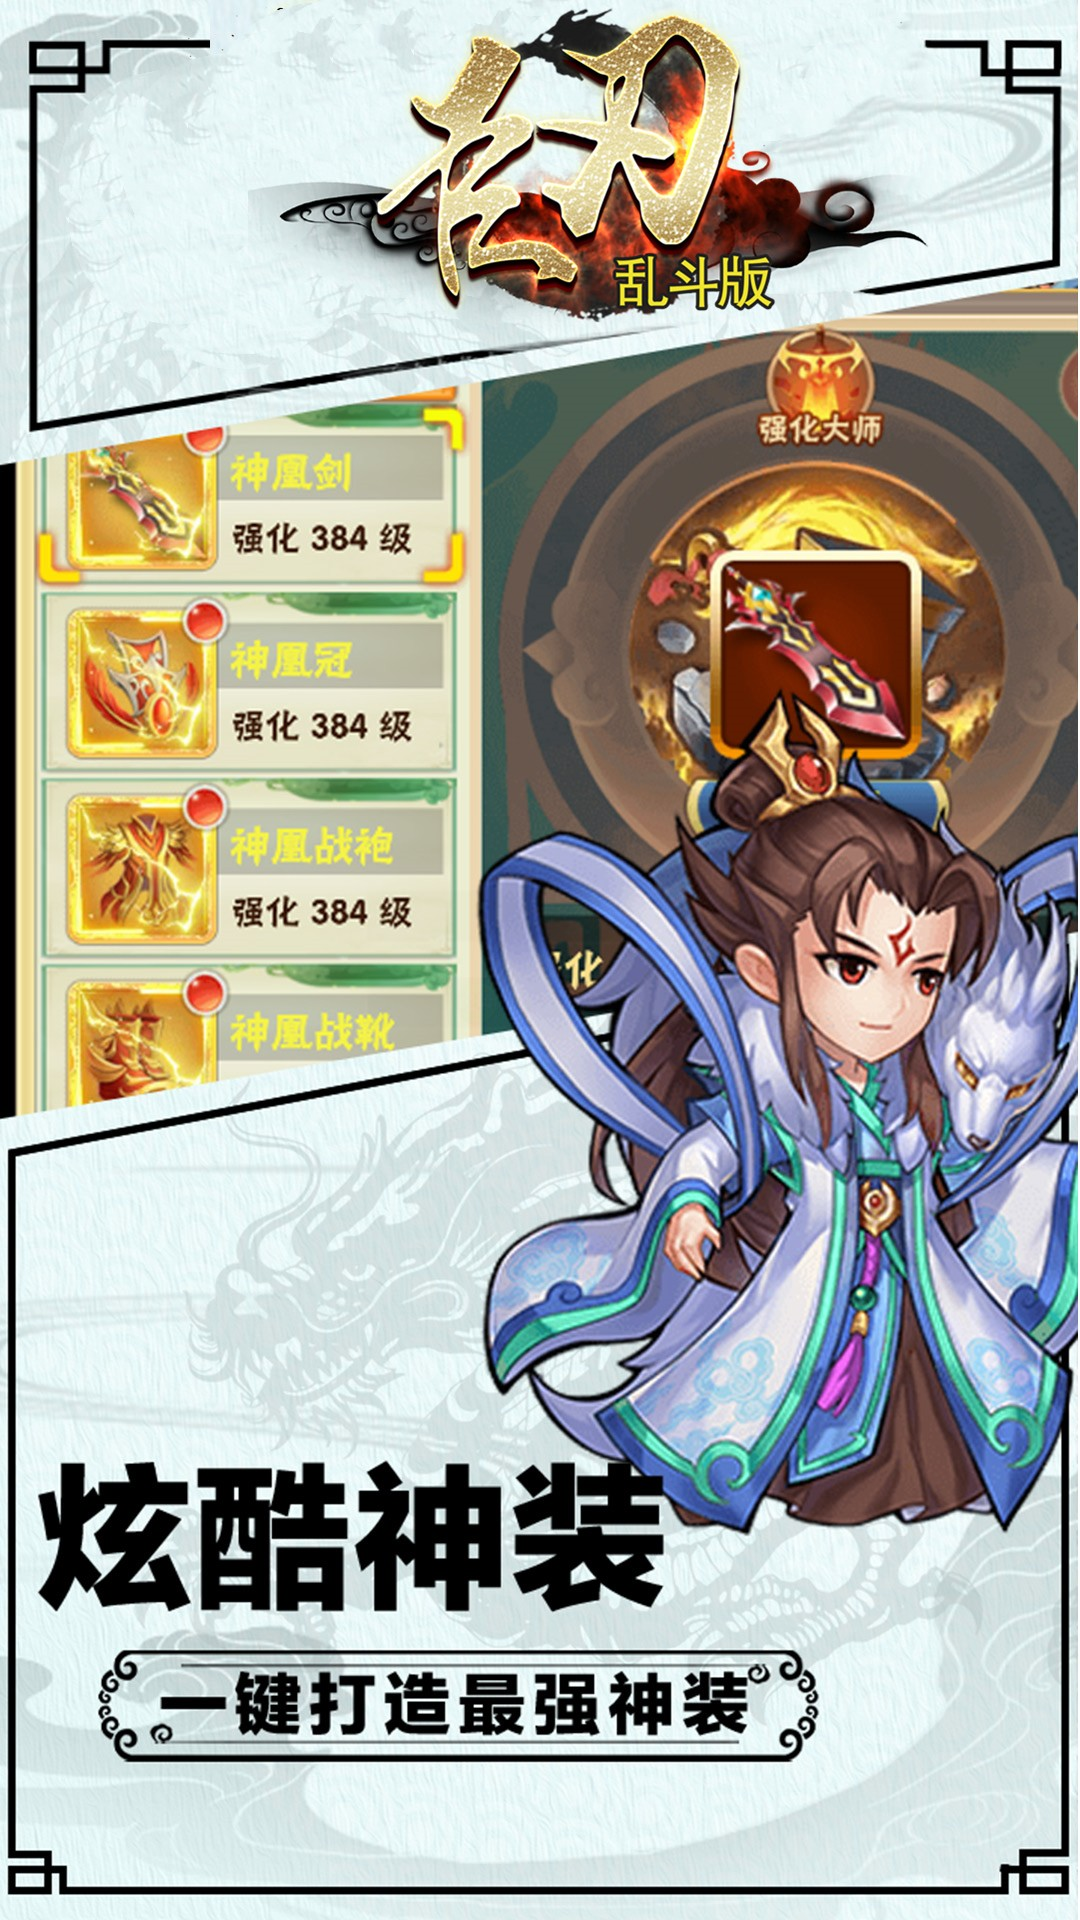 巨刃BT(乱斗版)